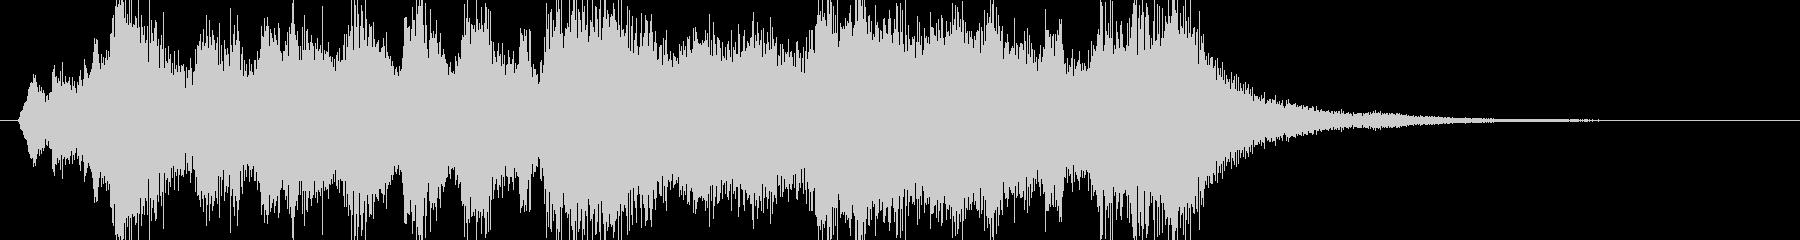 祝典オーケストラファンファーレの未再生の波形